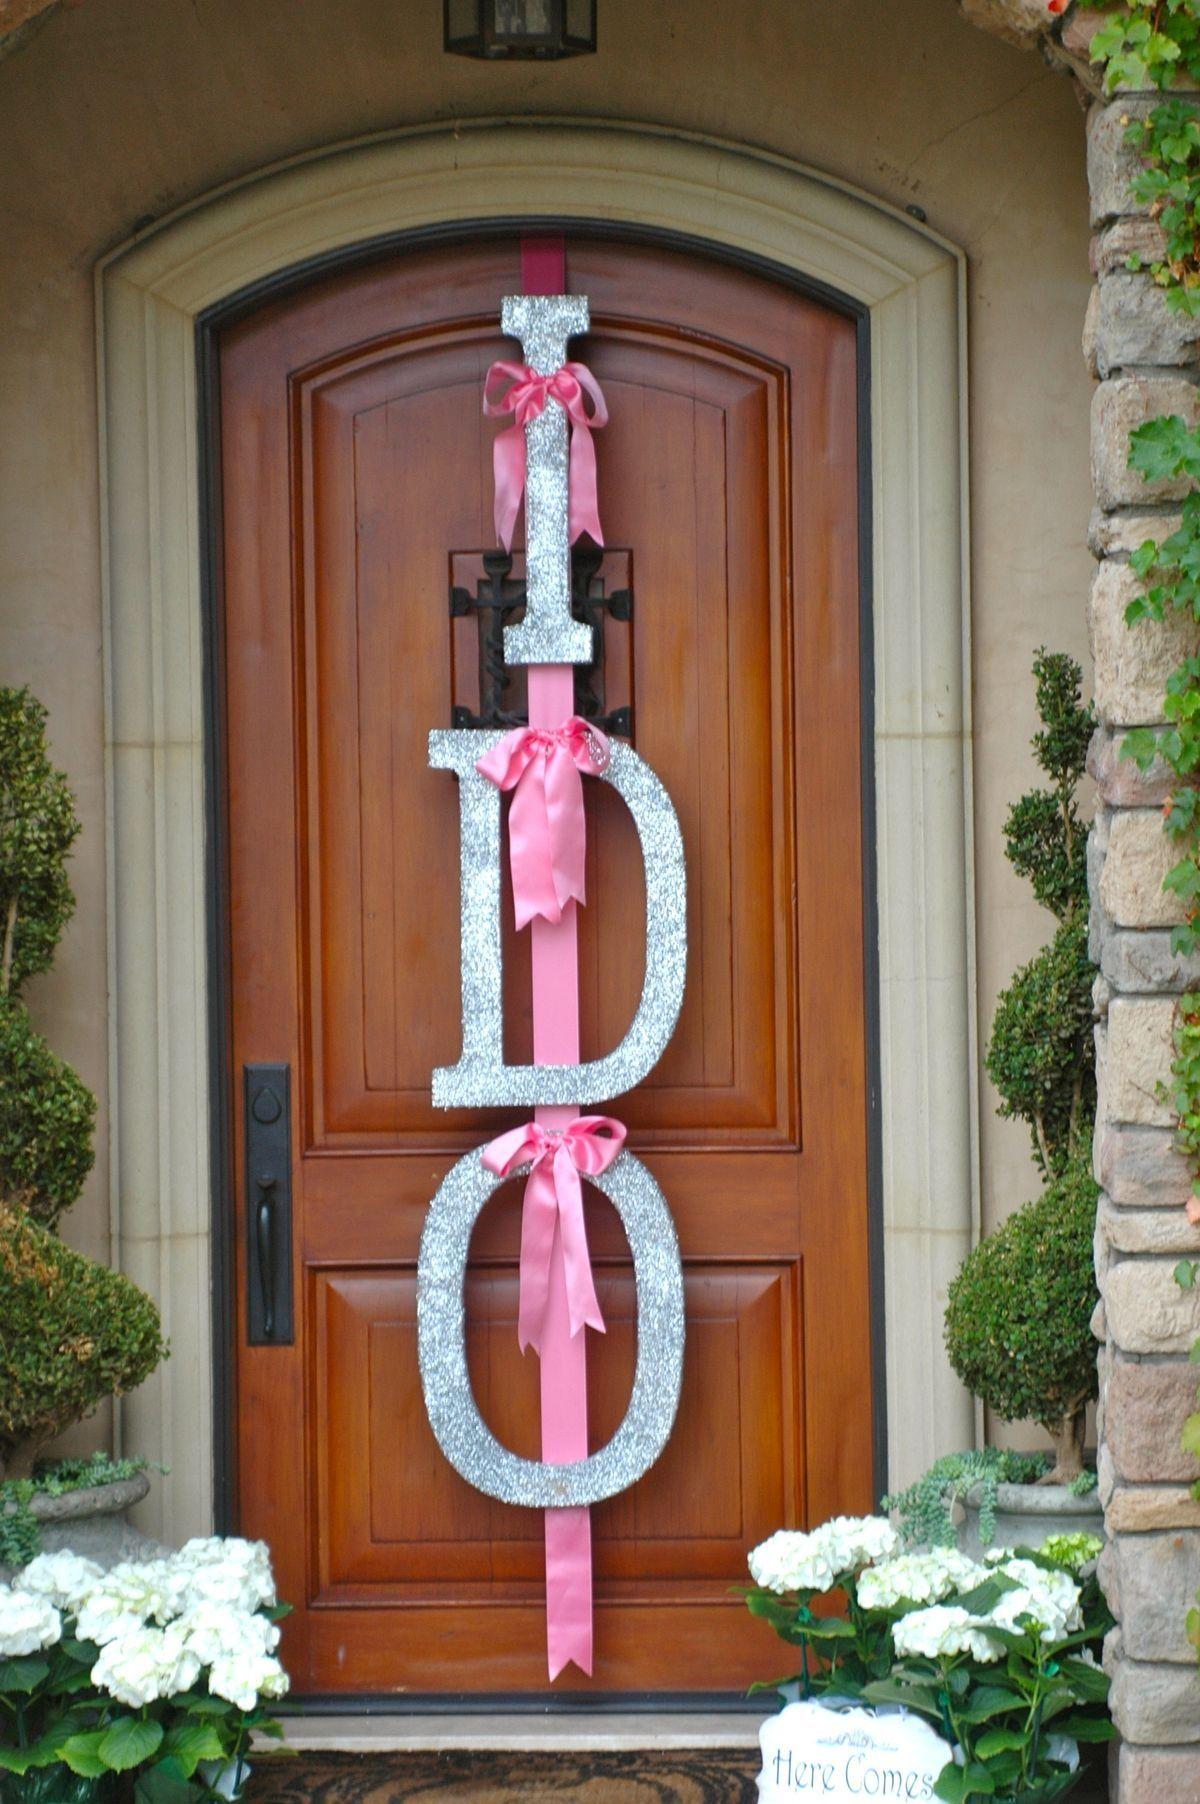 Cute Wedding Shower Decorations : Cute idea for bridal shower decor wedding ideas